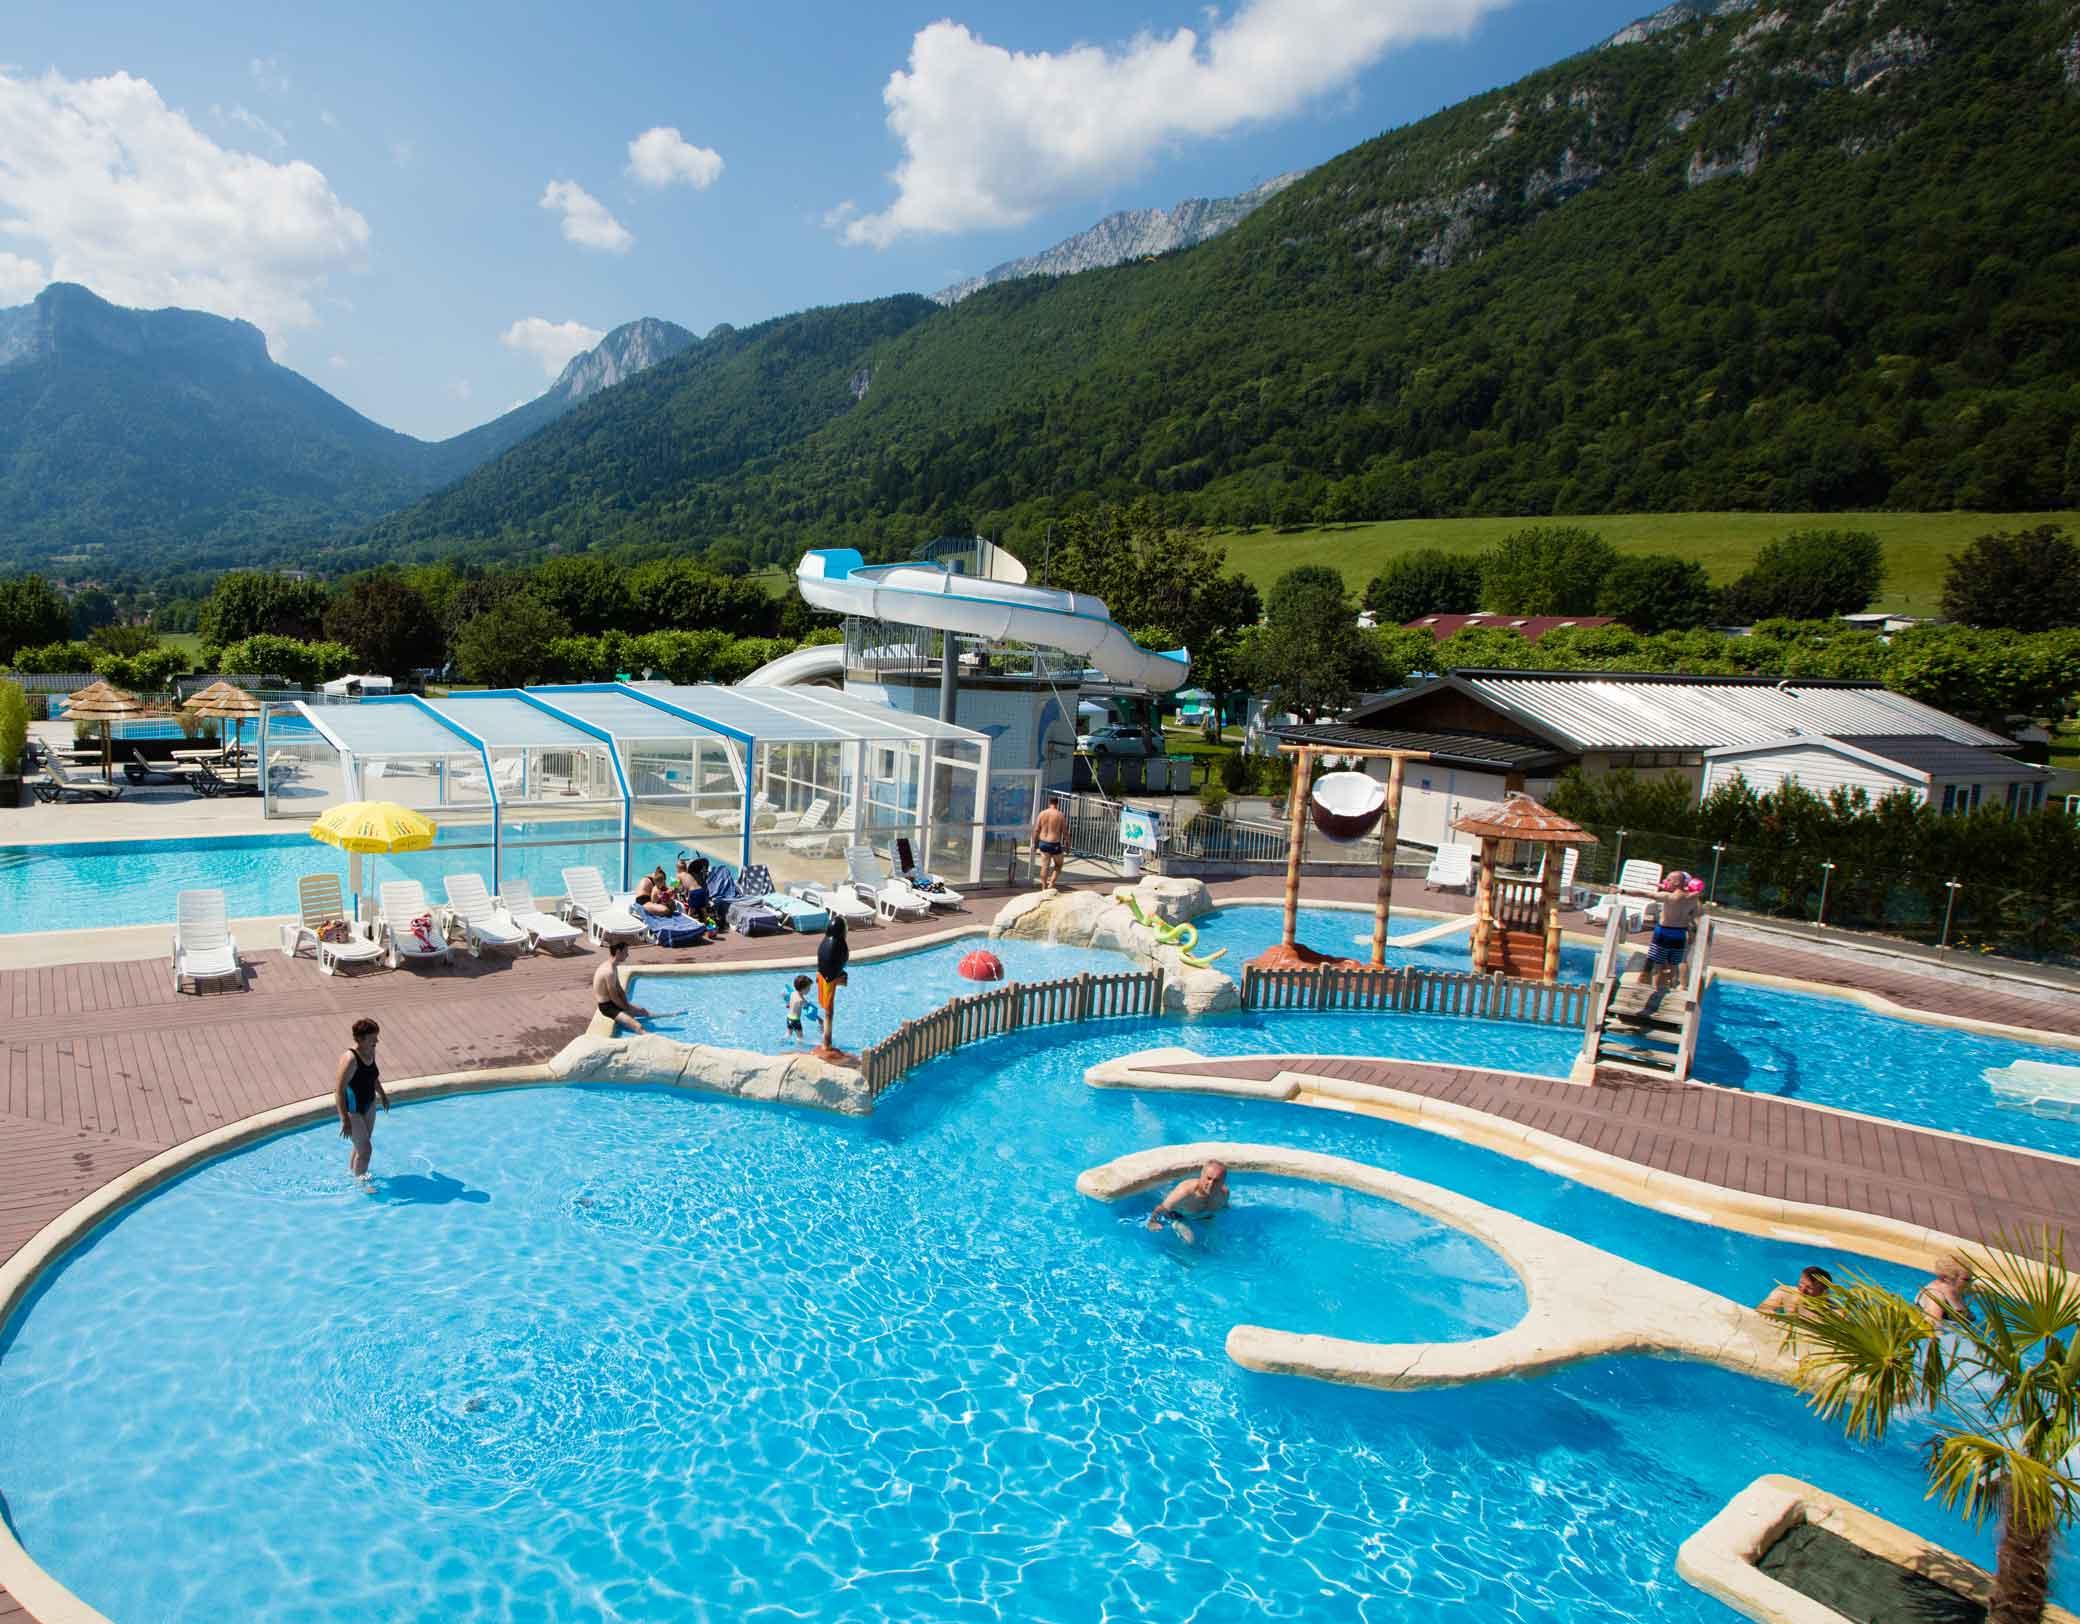 Camping L'idéal - Savoie Mont Blanc (Savoie Et Haute Savoie ... pour Camping Isère Avec Piscine